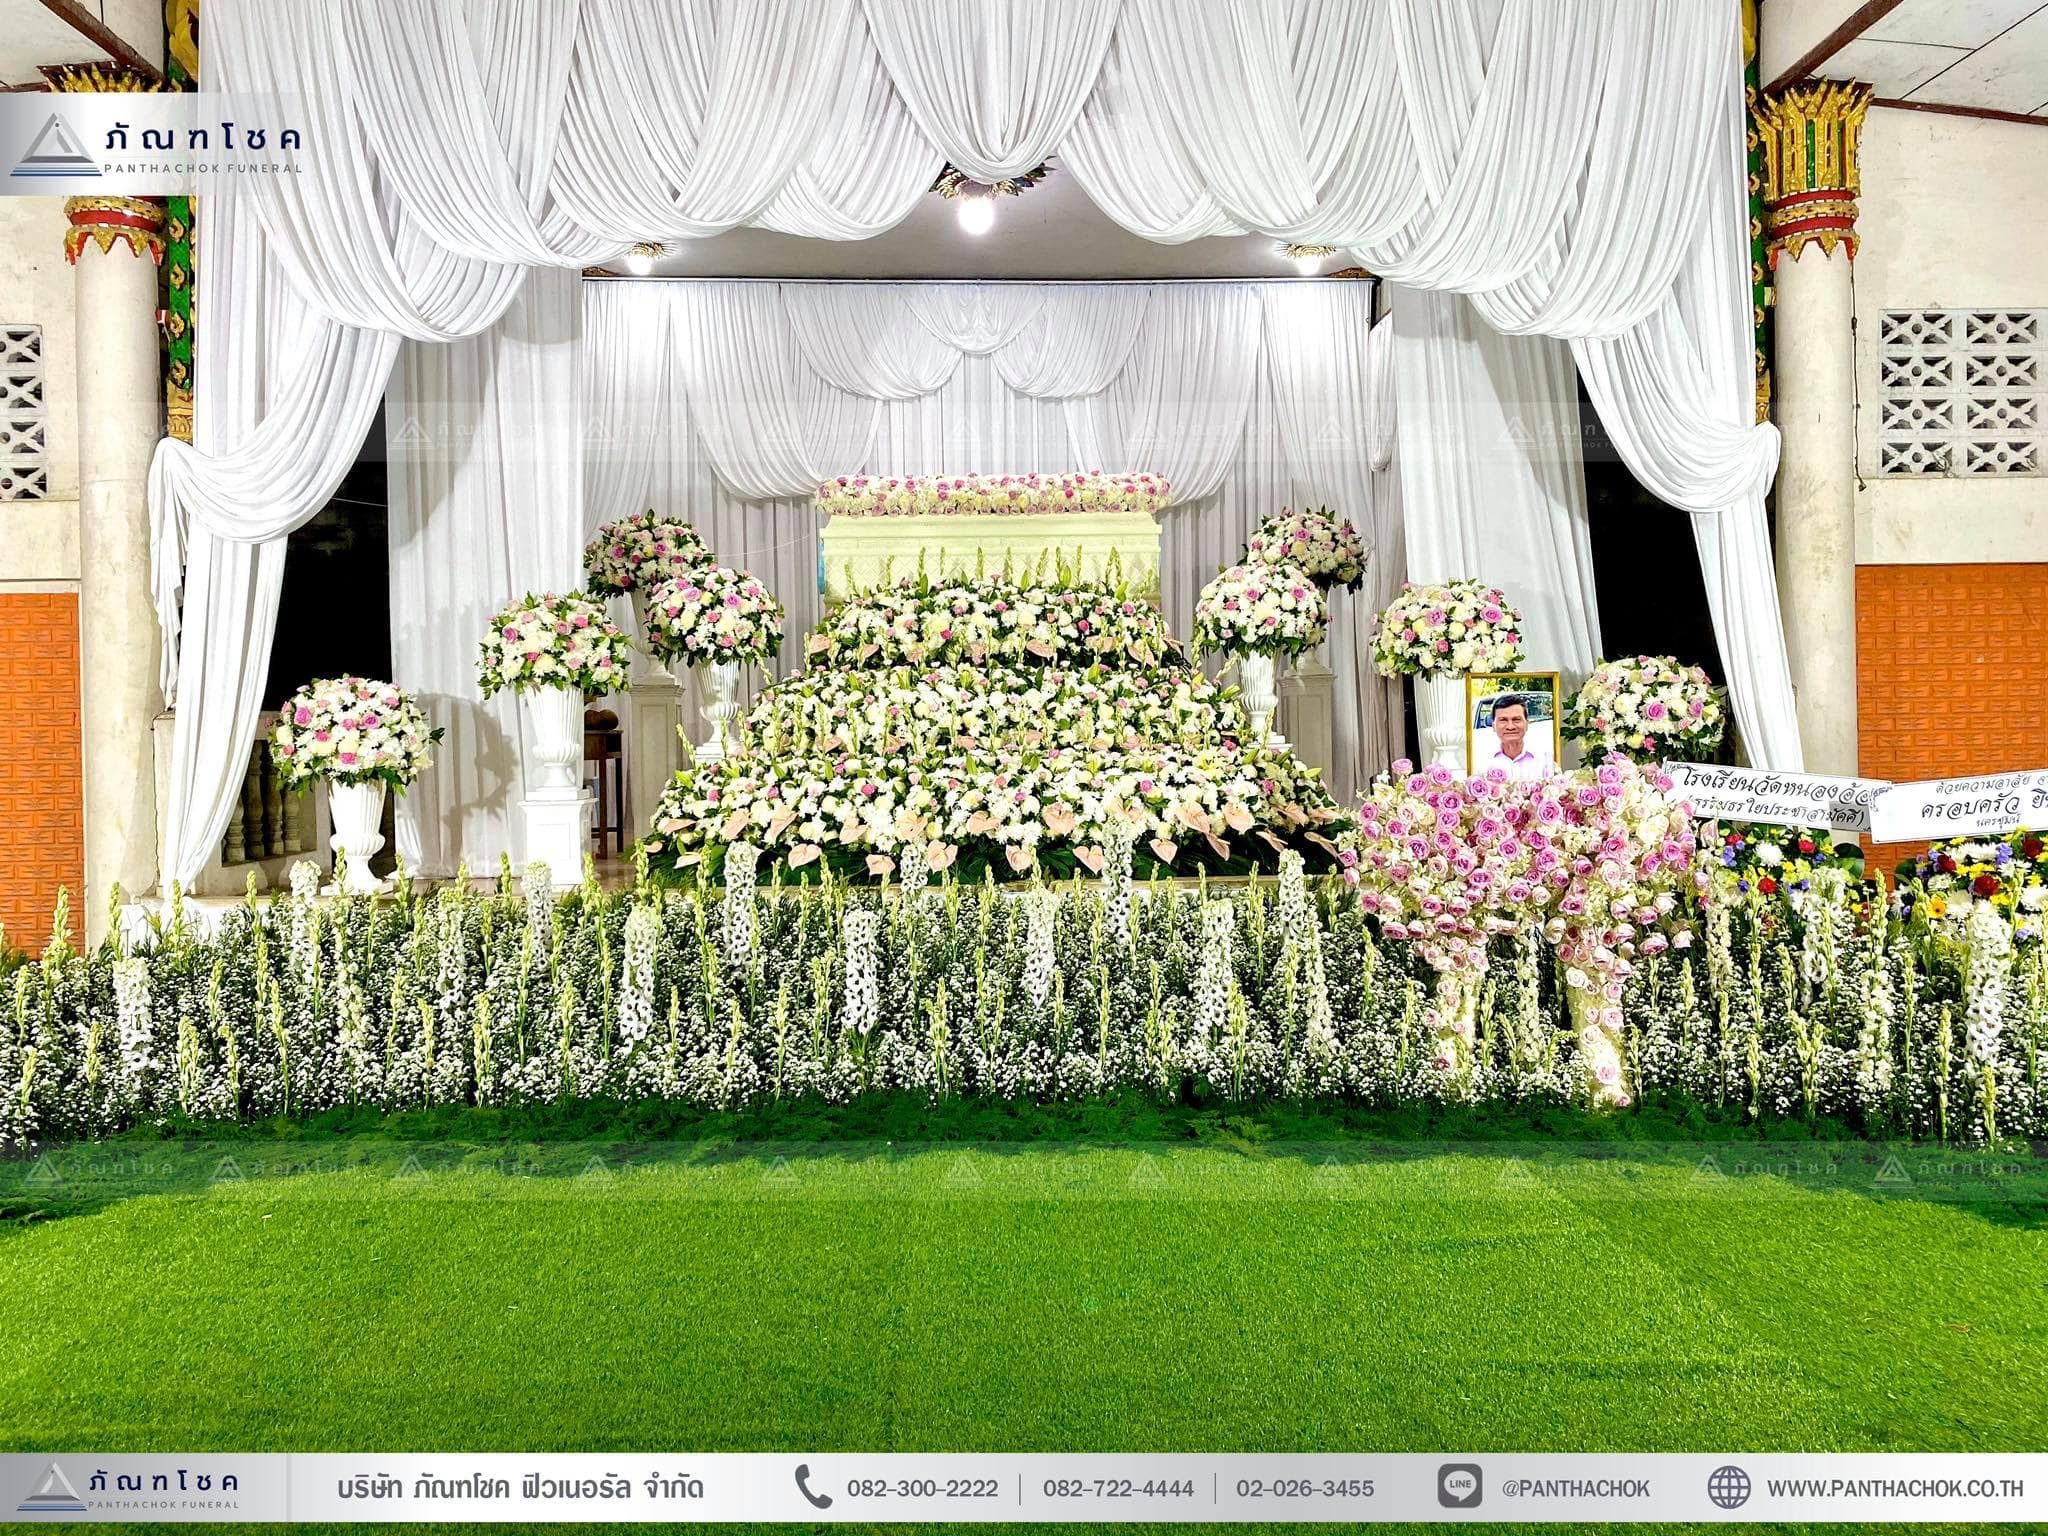 ดอกไม้หน้าหีบ ดอกไม้งานศพ จัดงานศพราชบุรี